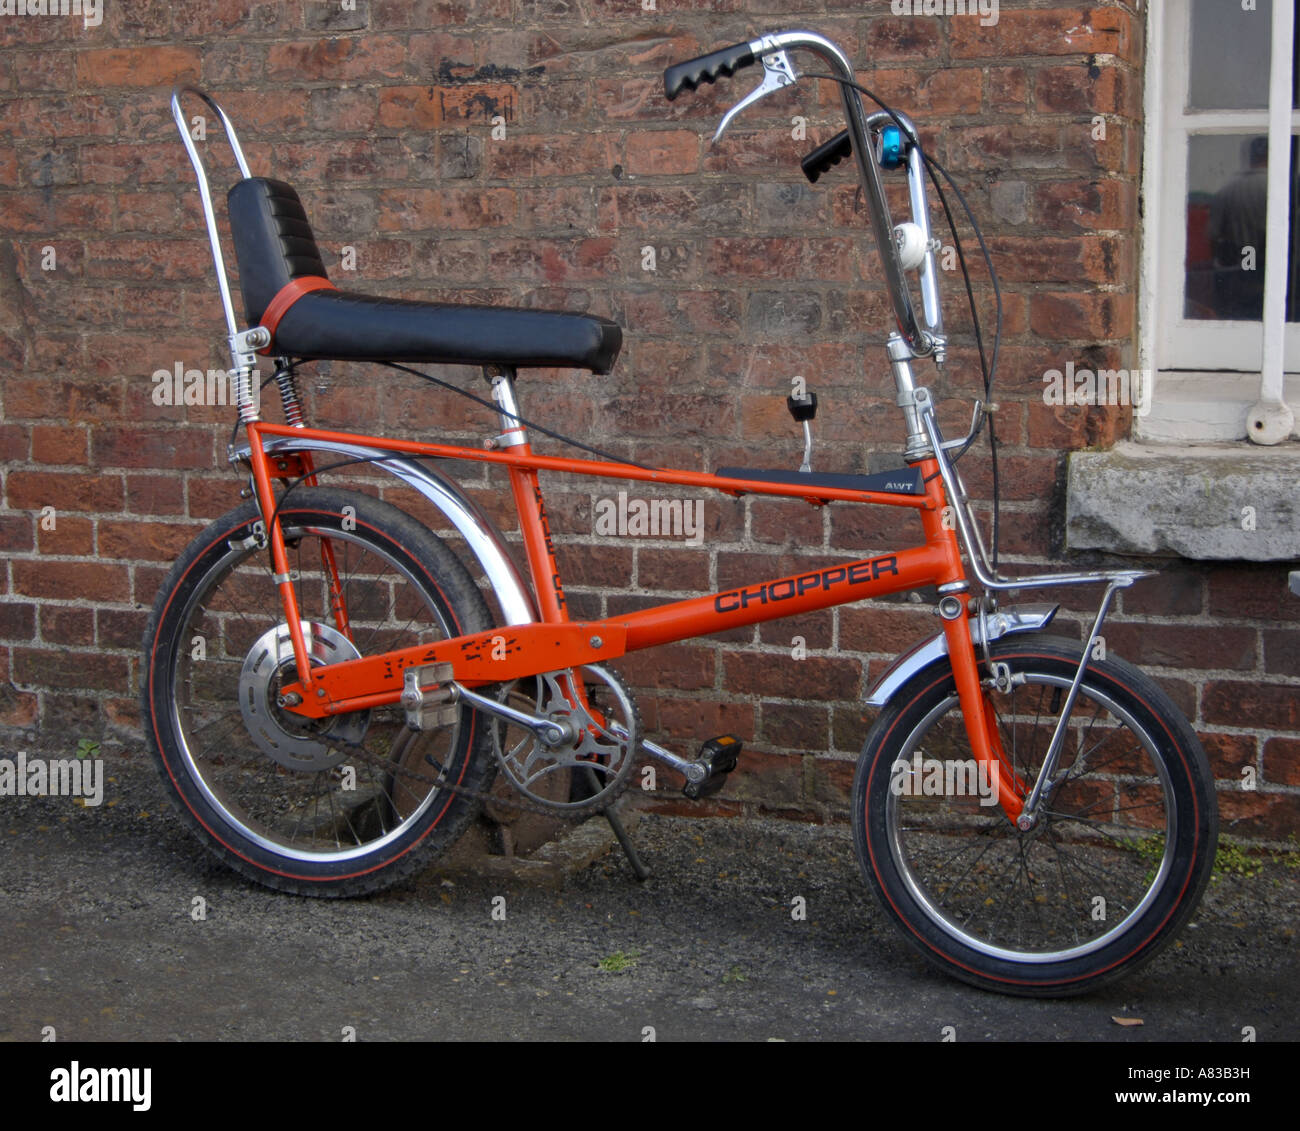 Chopper Bike Immagini Chopper Bike Fotos Stock Alamy